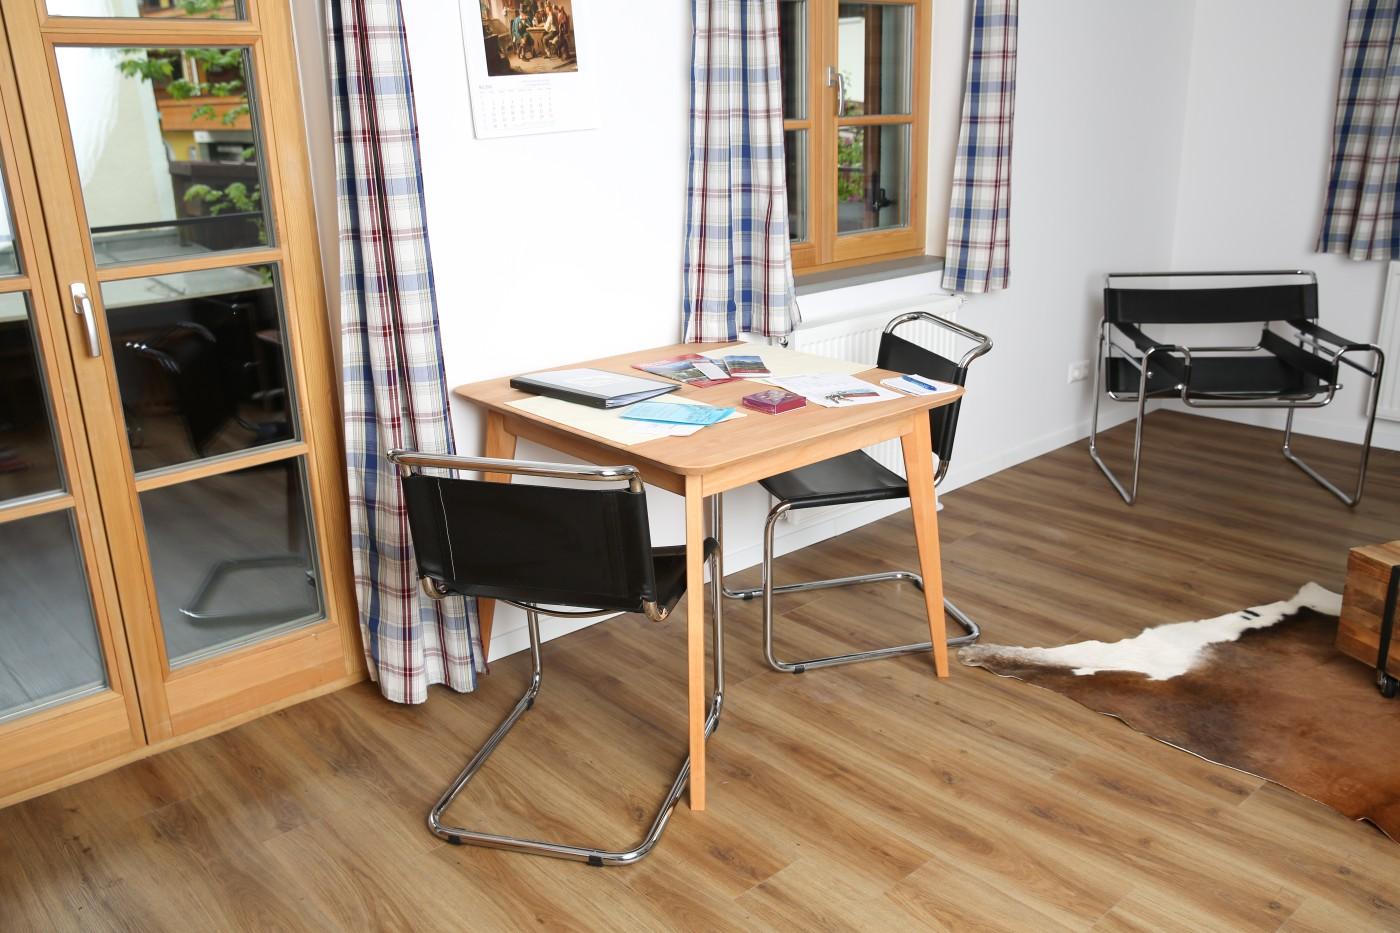 Ferienwohnung Georg Mayer Haus / Wohnung 3 (2397452), Oberstdorf, Allgäu (Bayern), Bayern, Deutschland, Bild 5